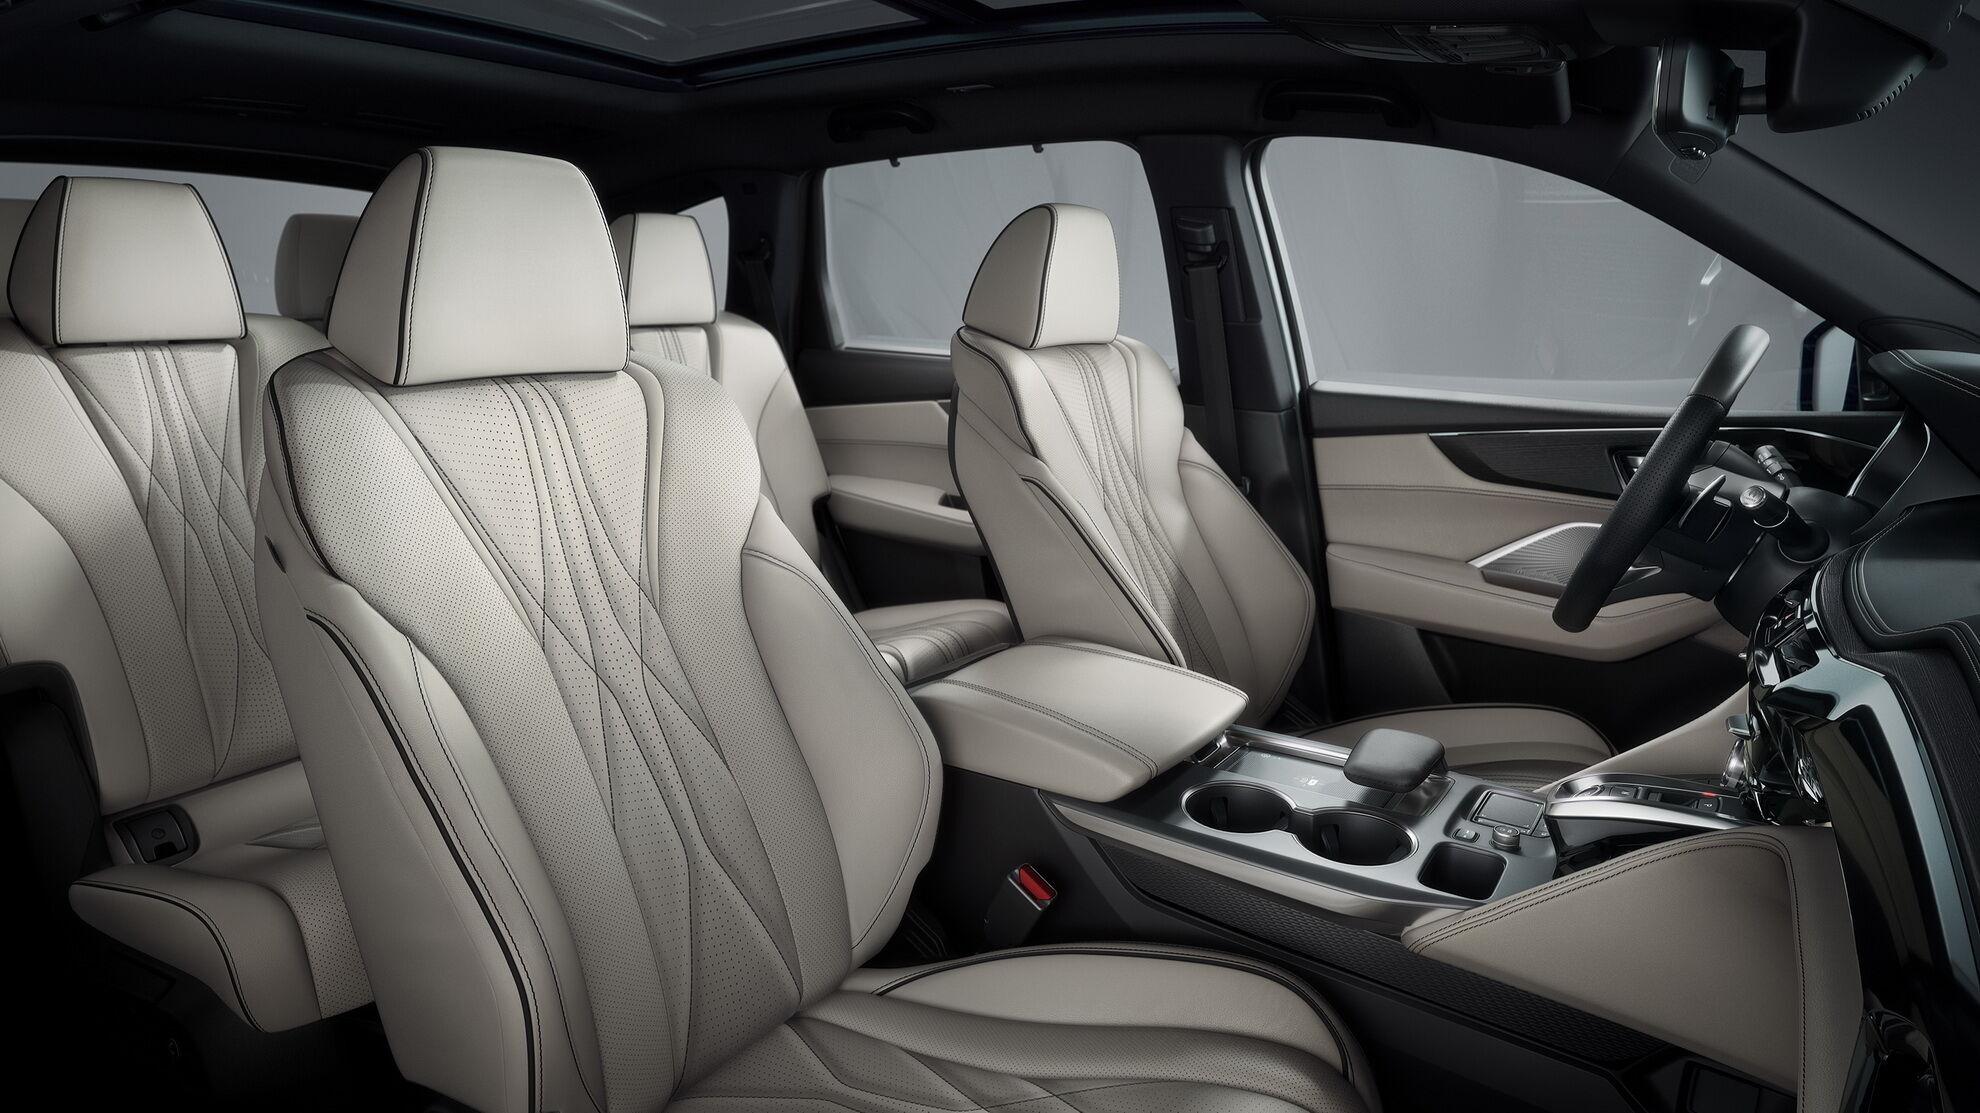 Cалон Acura MDX Type S відрізняється більш багатою комплектацією та оздобленням